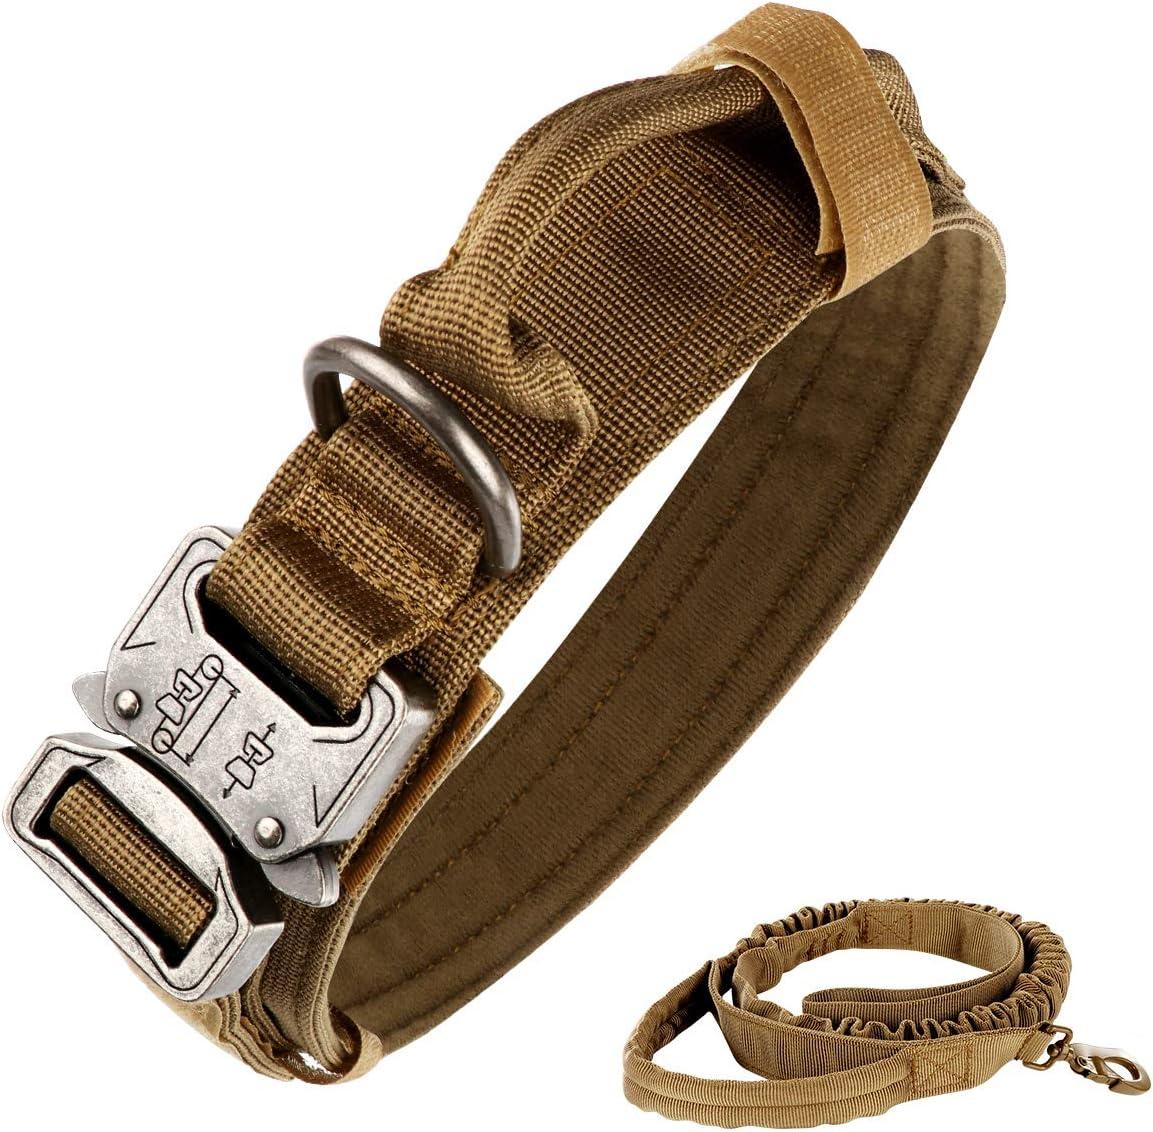 nobrand Collar táctico para perro de nailon ajustable K9 collar militar de perro con hebilla de metal resistente con asa y correa elástica táctica de nailon ajustable para perro (M, caqui)